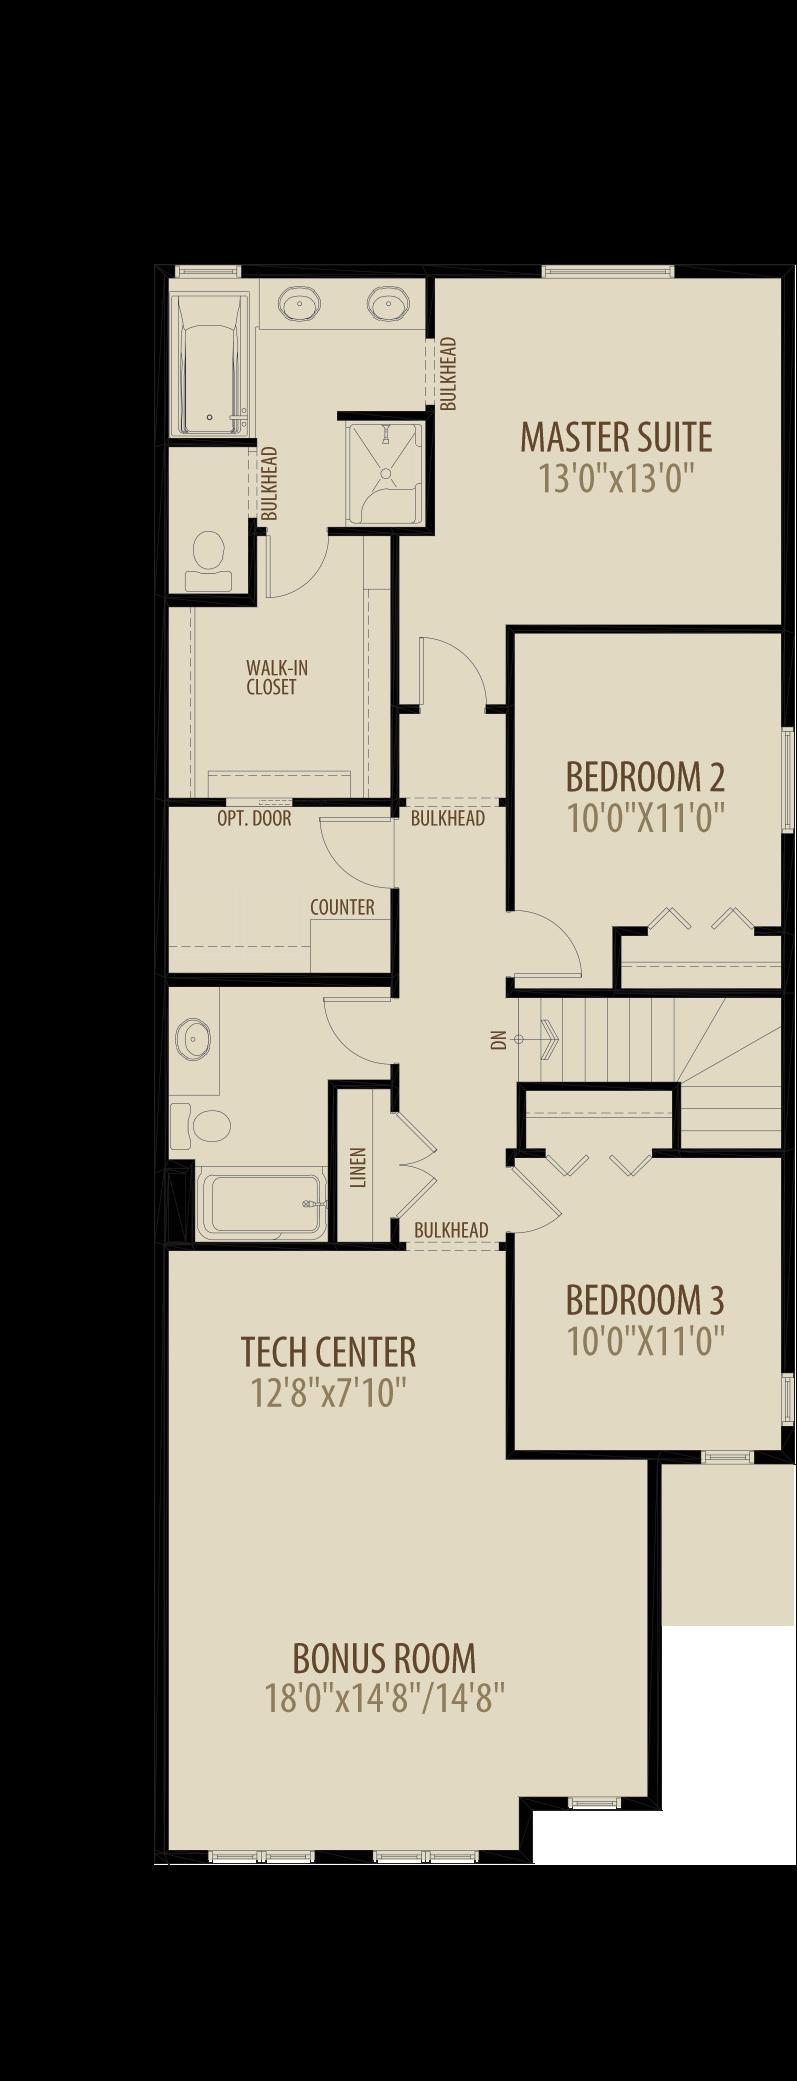 Option 7 Upper Floor Plan w Option 7 Opt Upper Floor 3 adds 248 sq ft